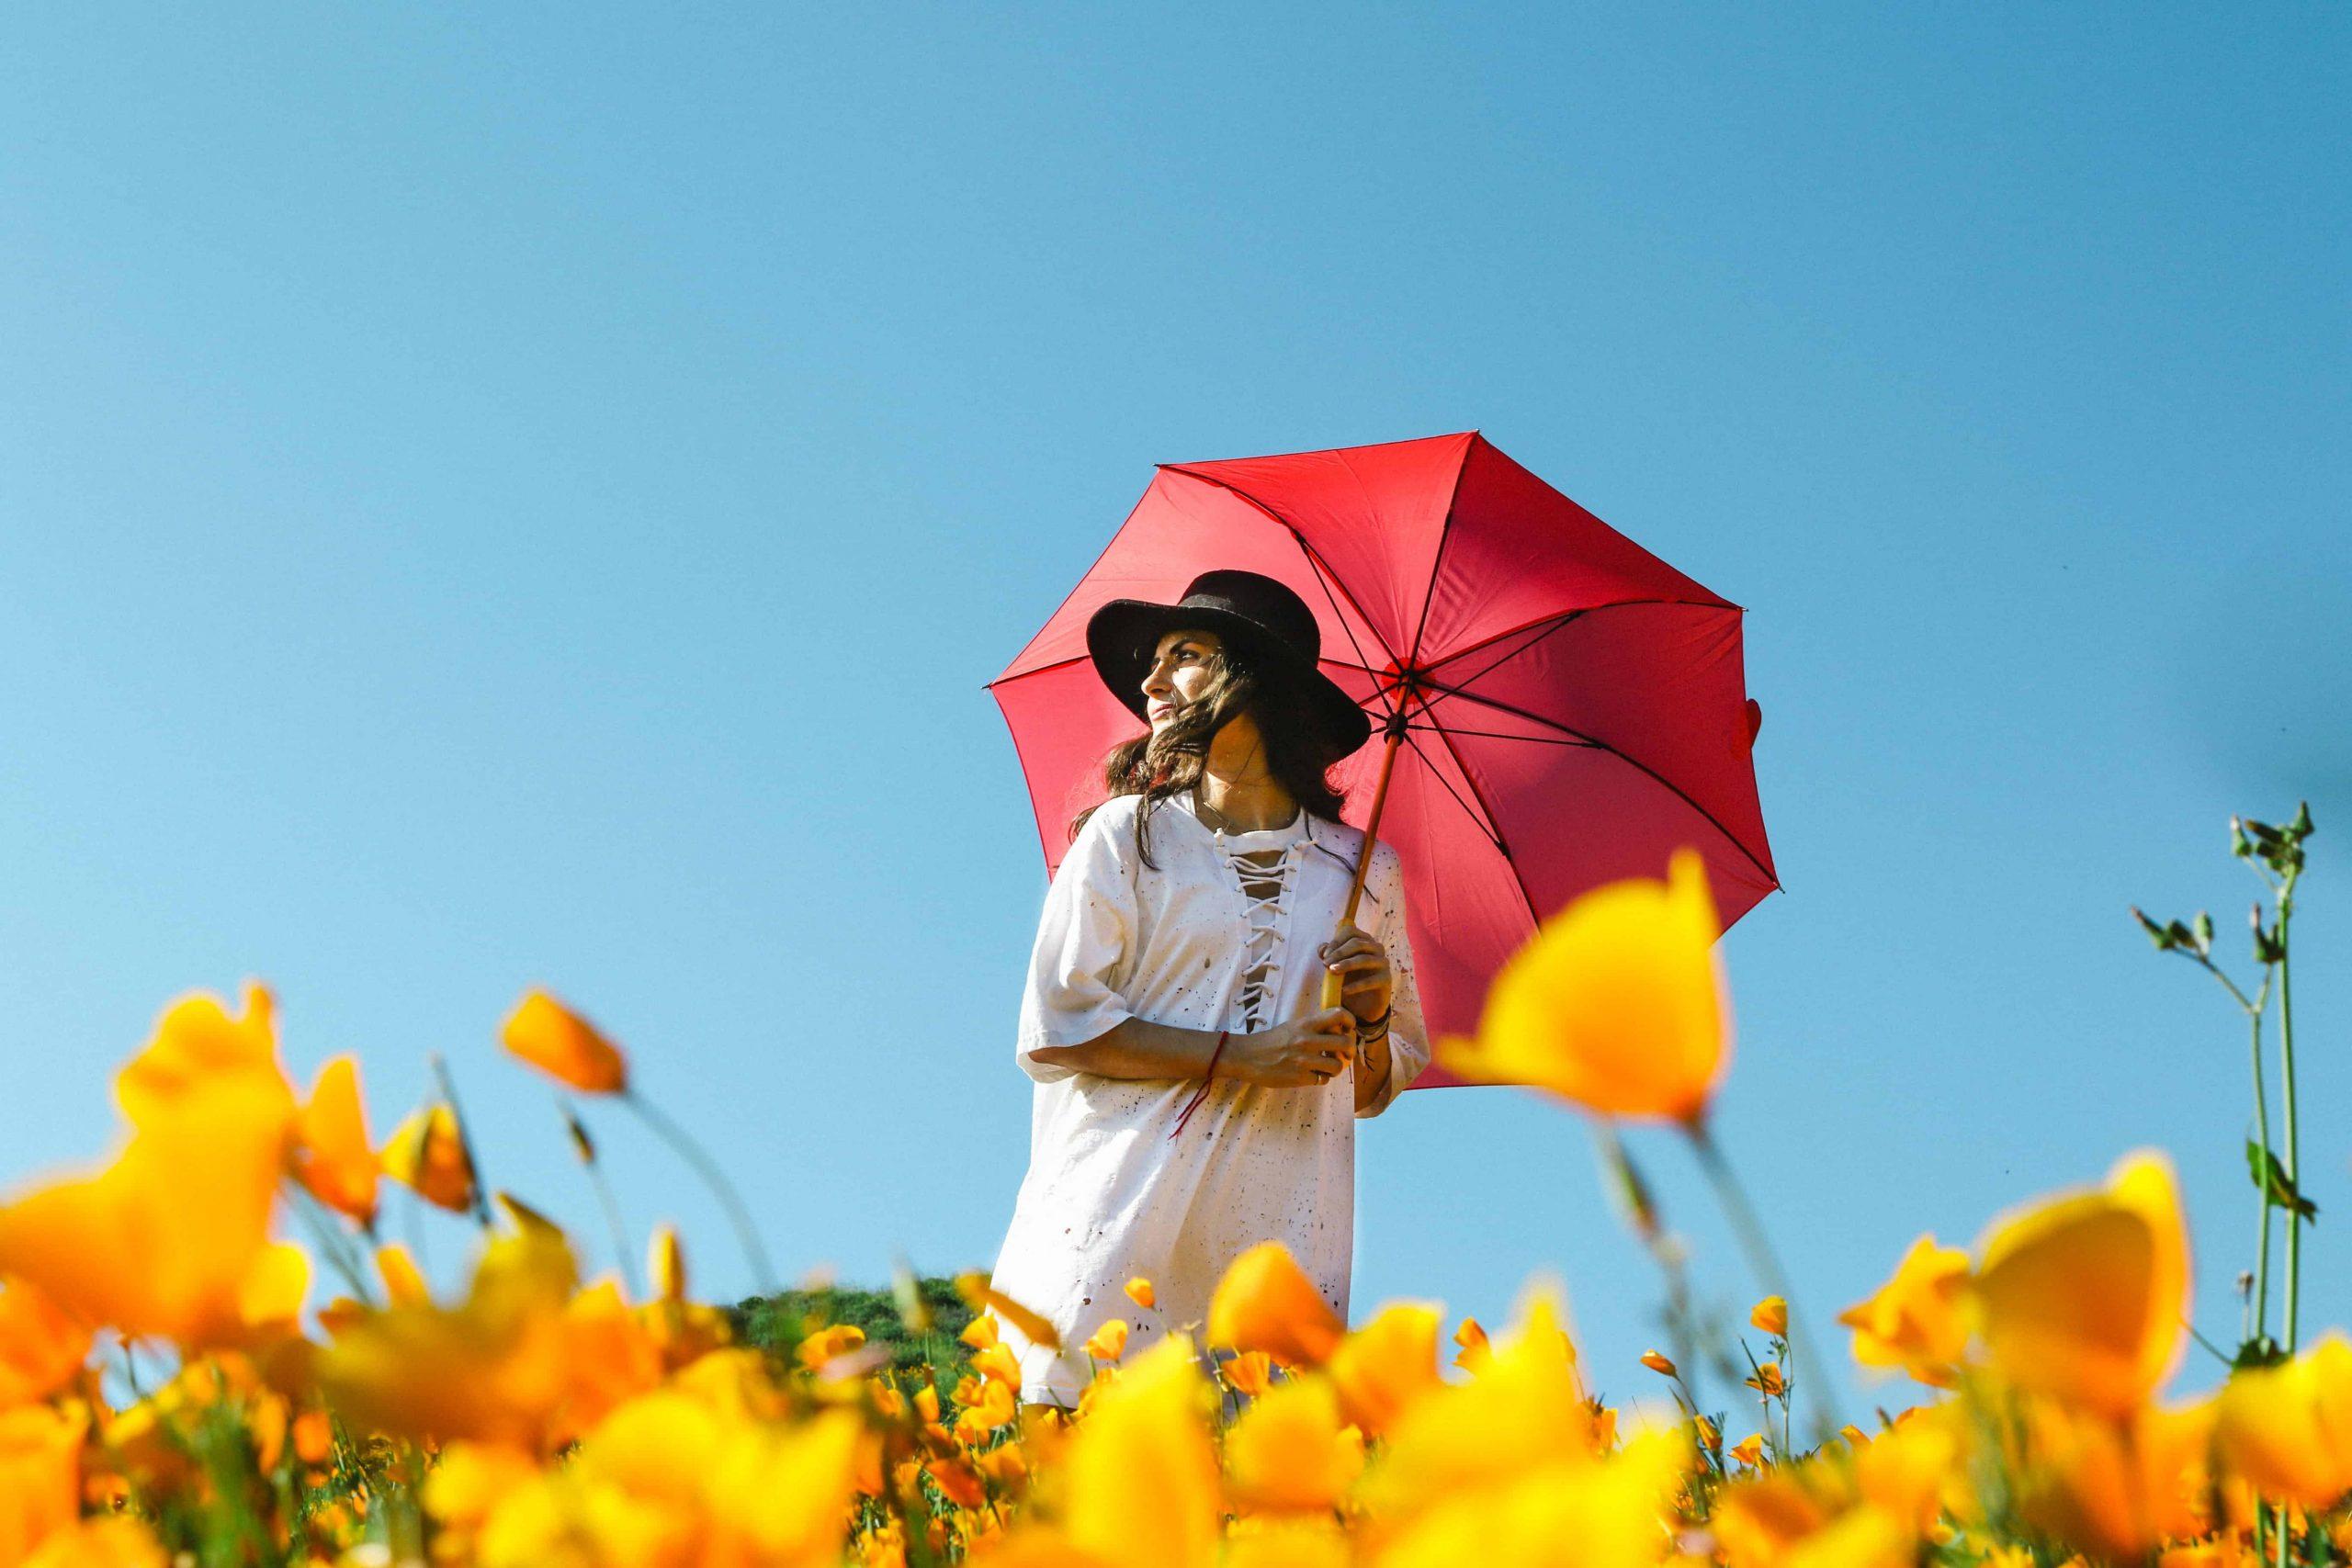 Sonnenschirm: Test & Empfehlungen (04/21)